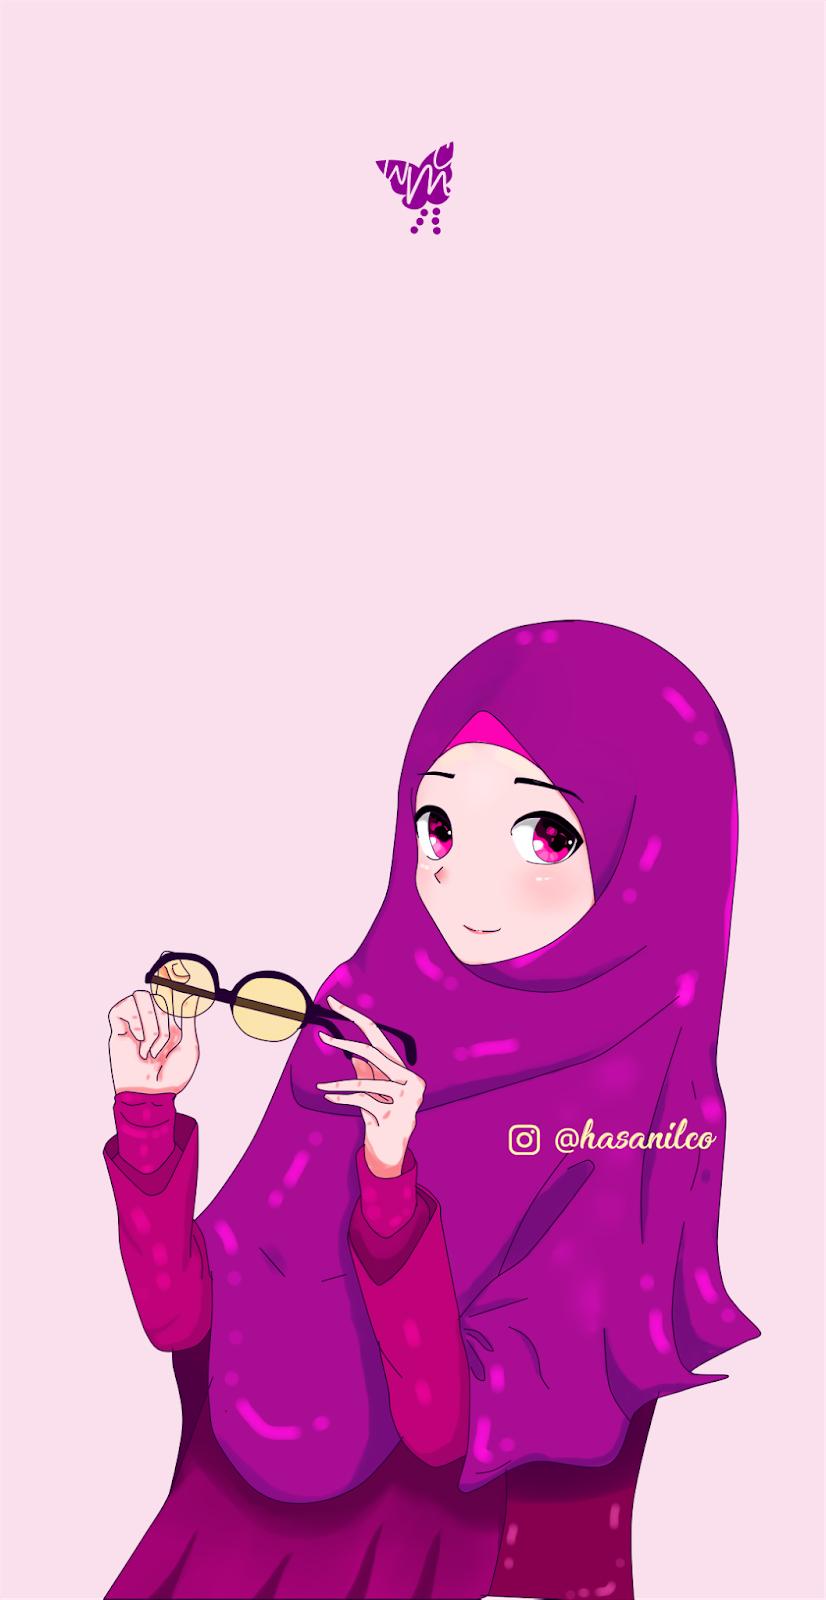 Selamat Pagi Kartun Muslimah 826x1600 Wallpaper Teahub Io